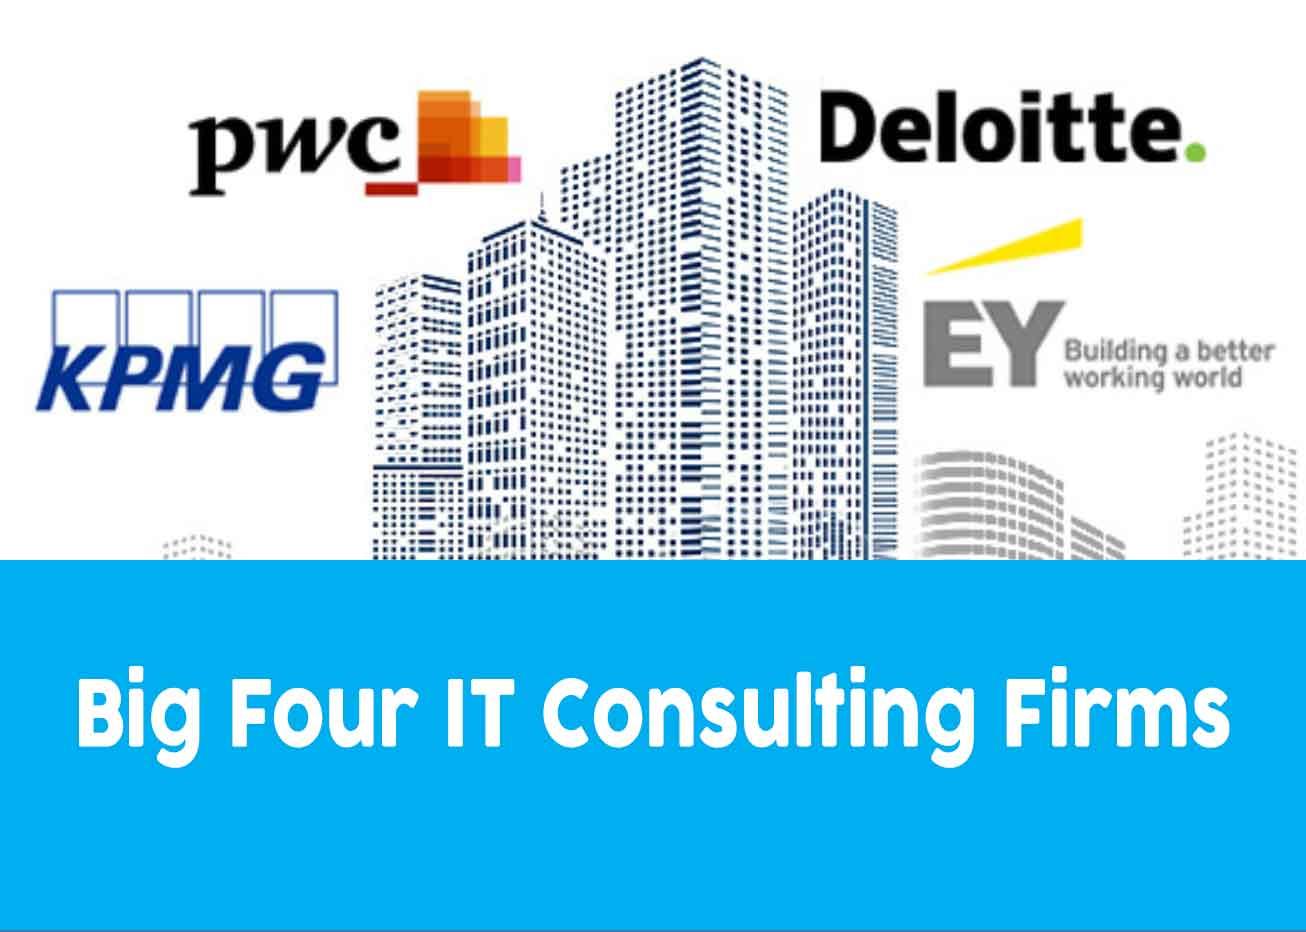 big-4-it-firms